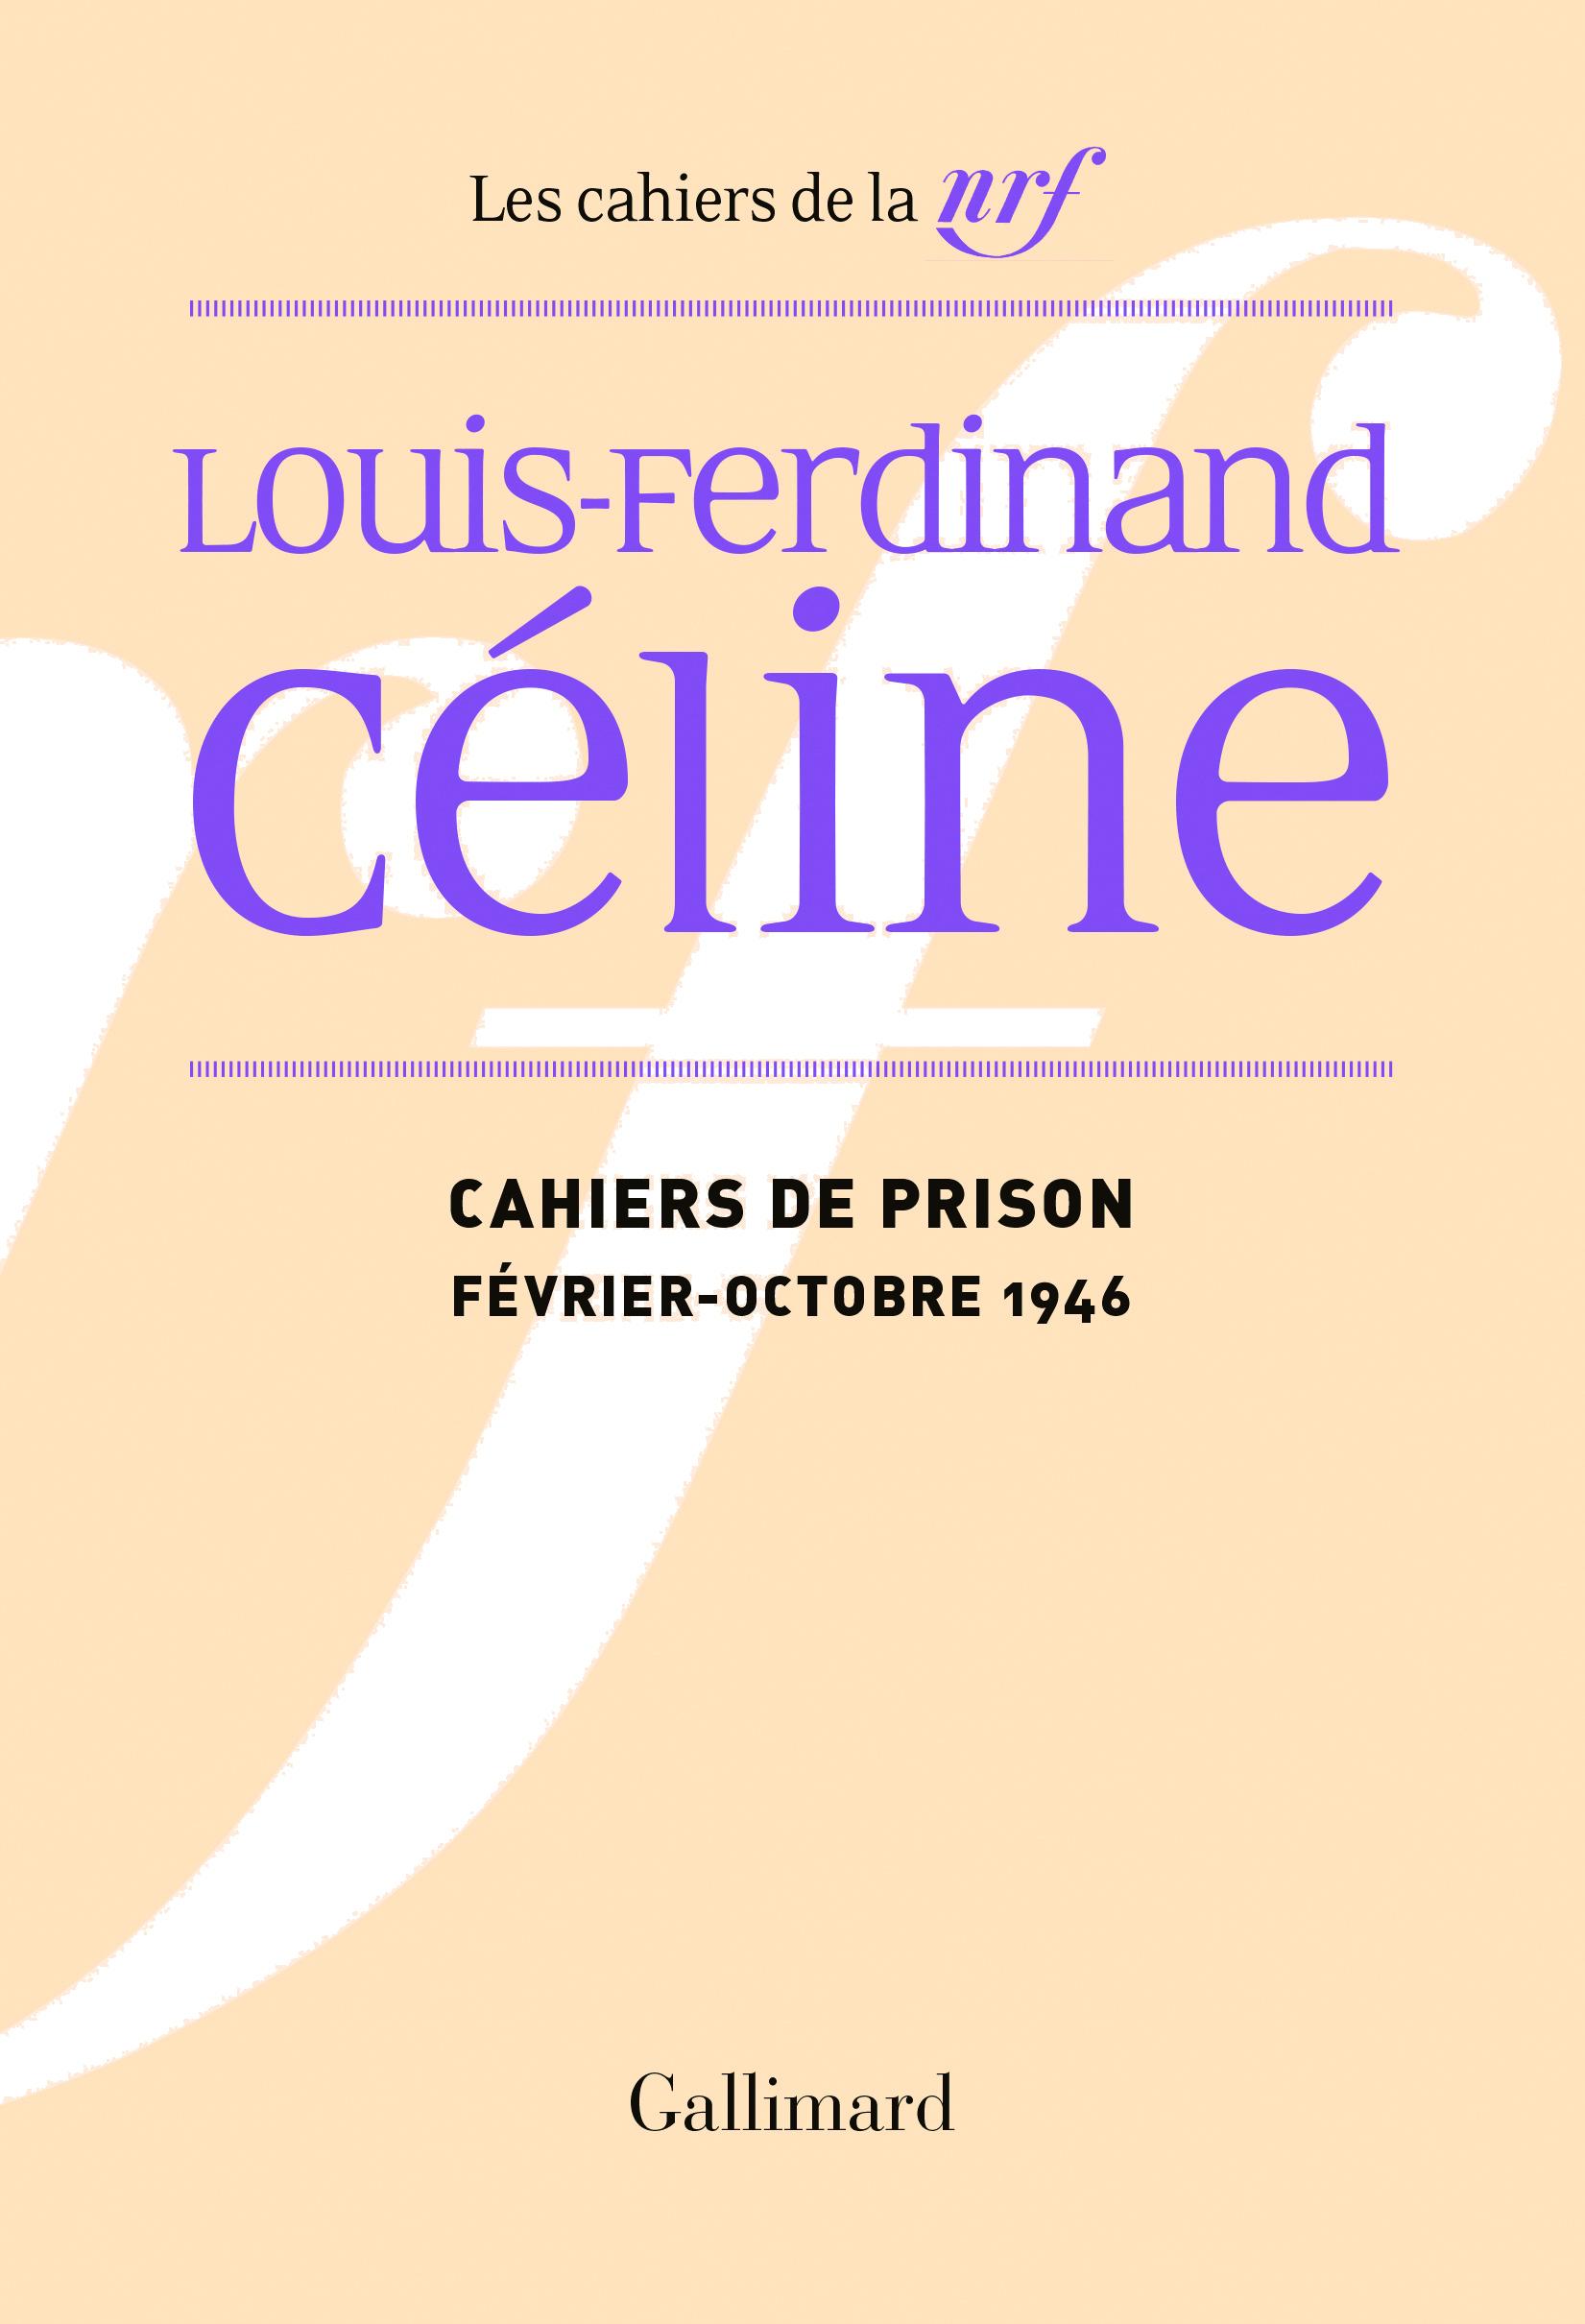 L.-F. Céline, Cahiers de prison (Février - octobre 1946)